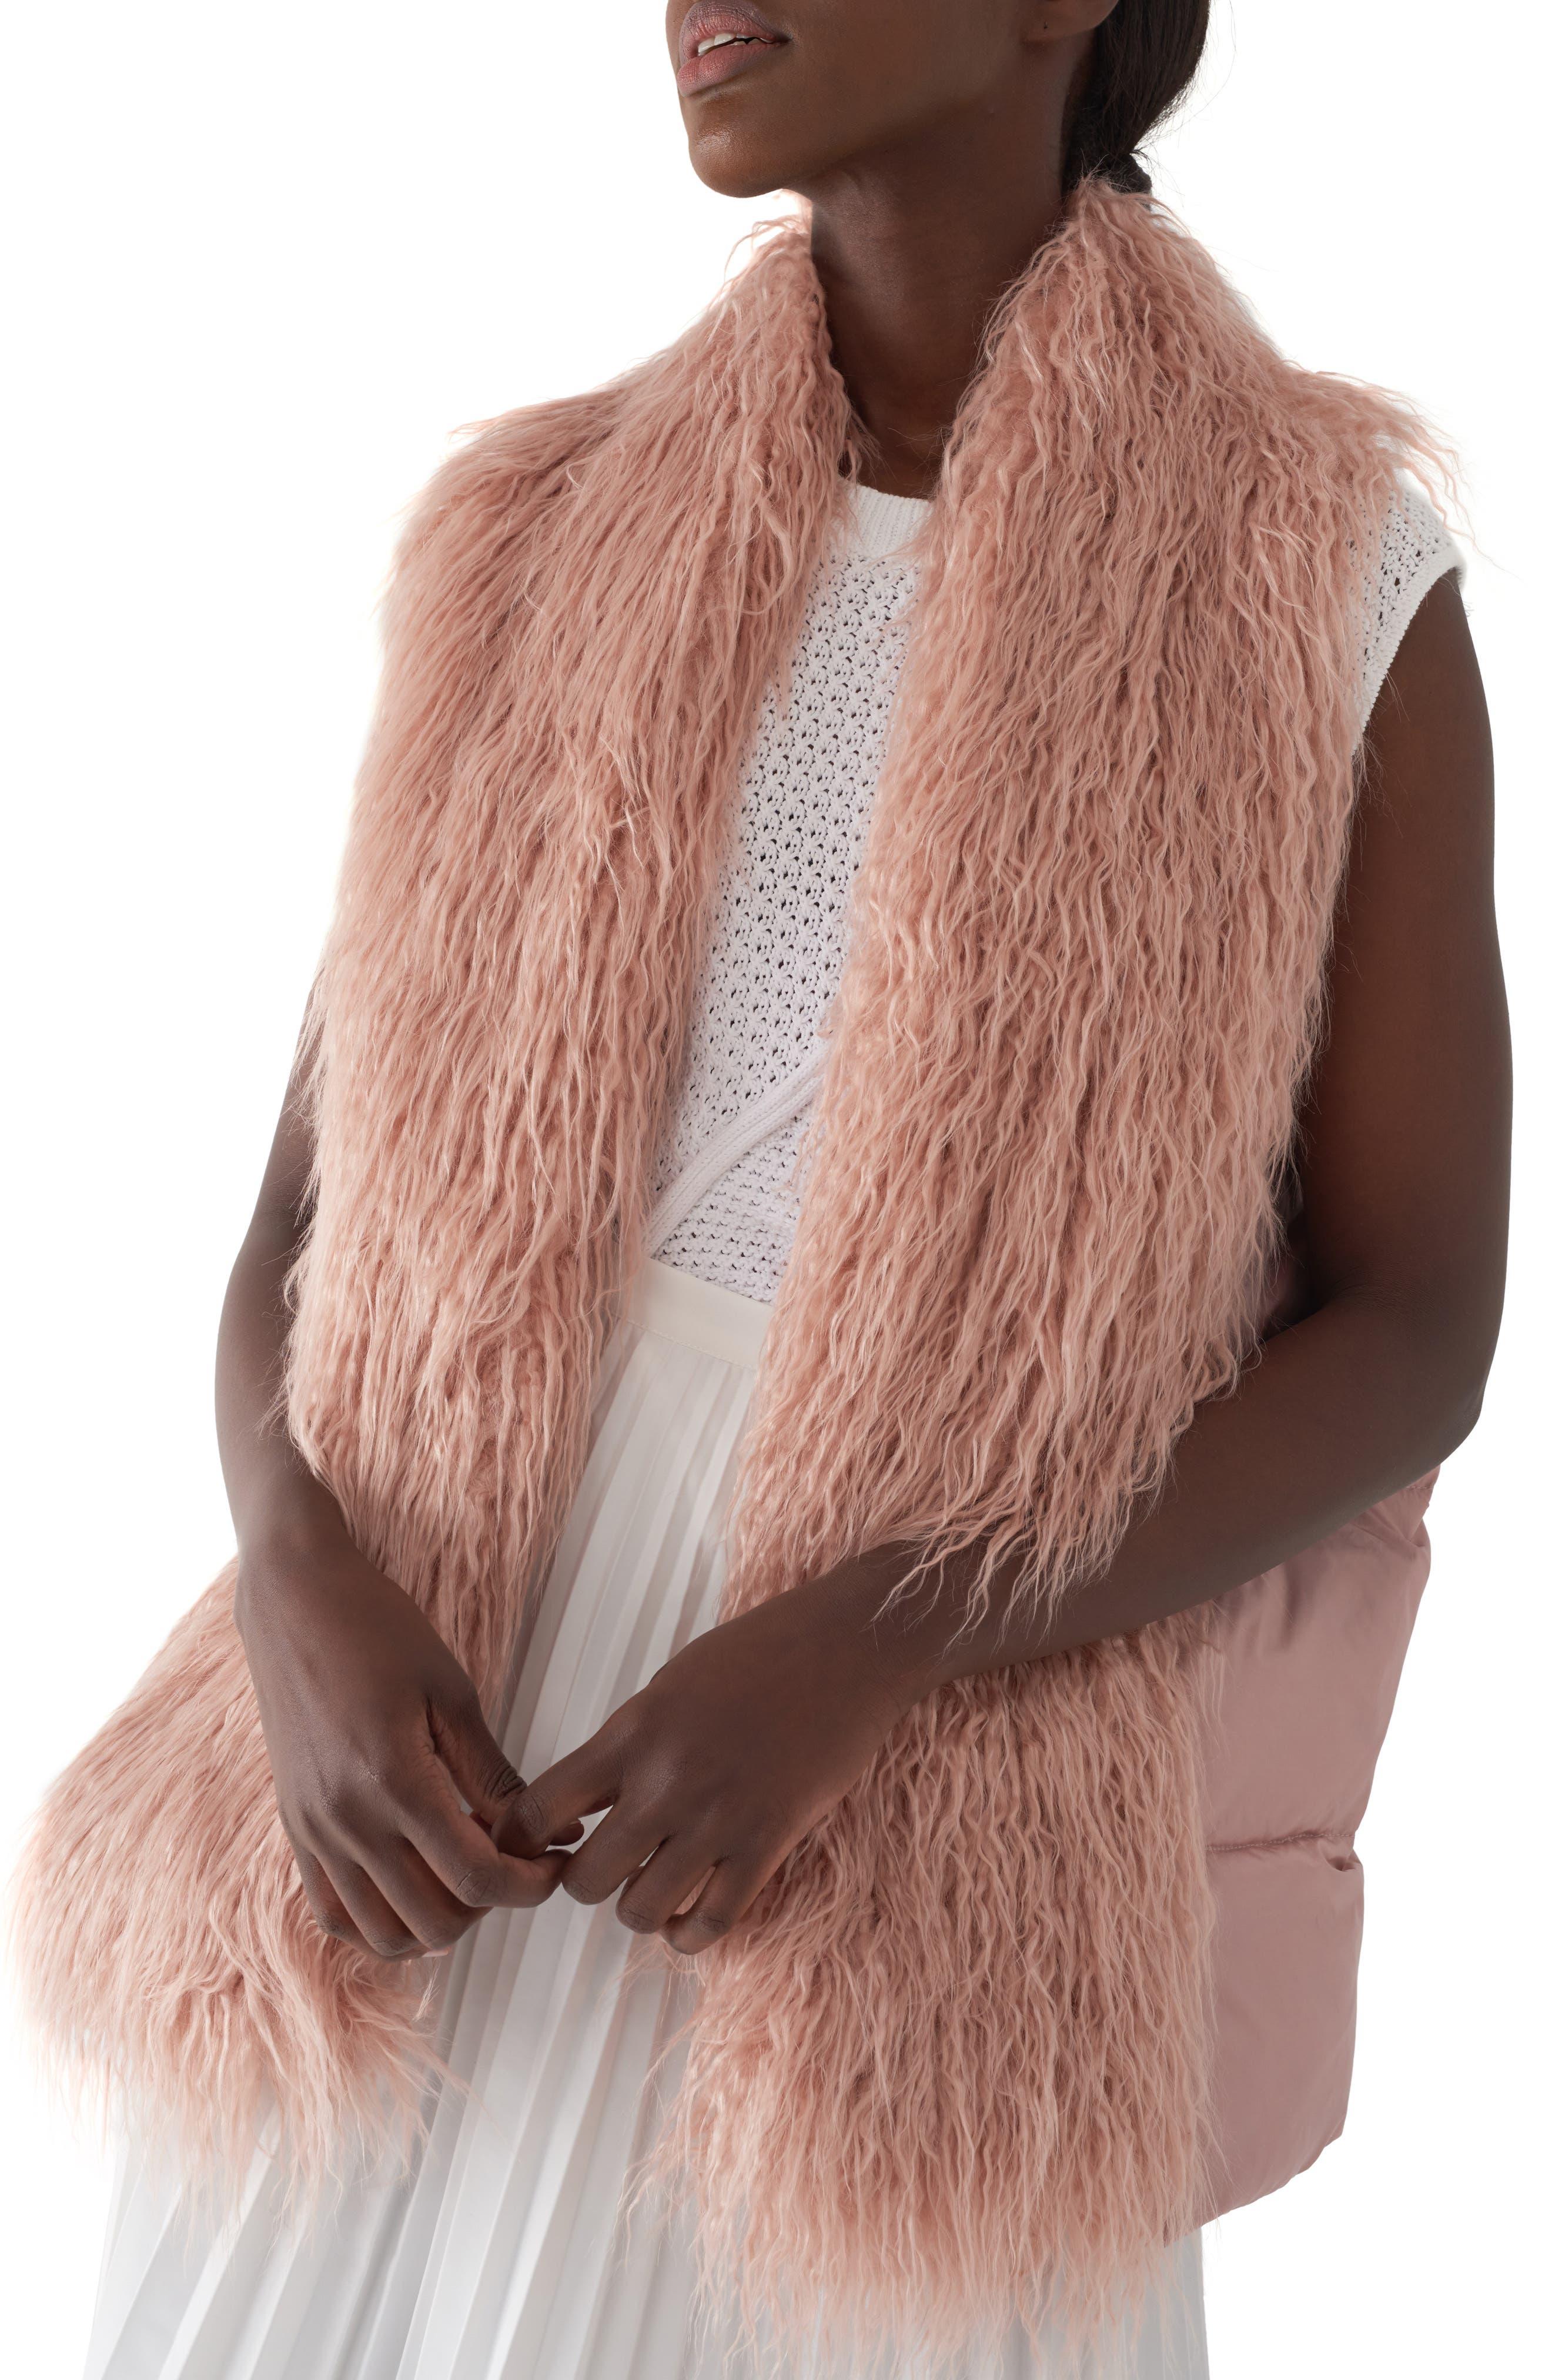 Gila Down & Faux Fur Vest,                             Main thumbnail 1, color,                             MILLENNIAL PINK